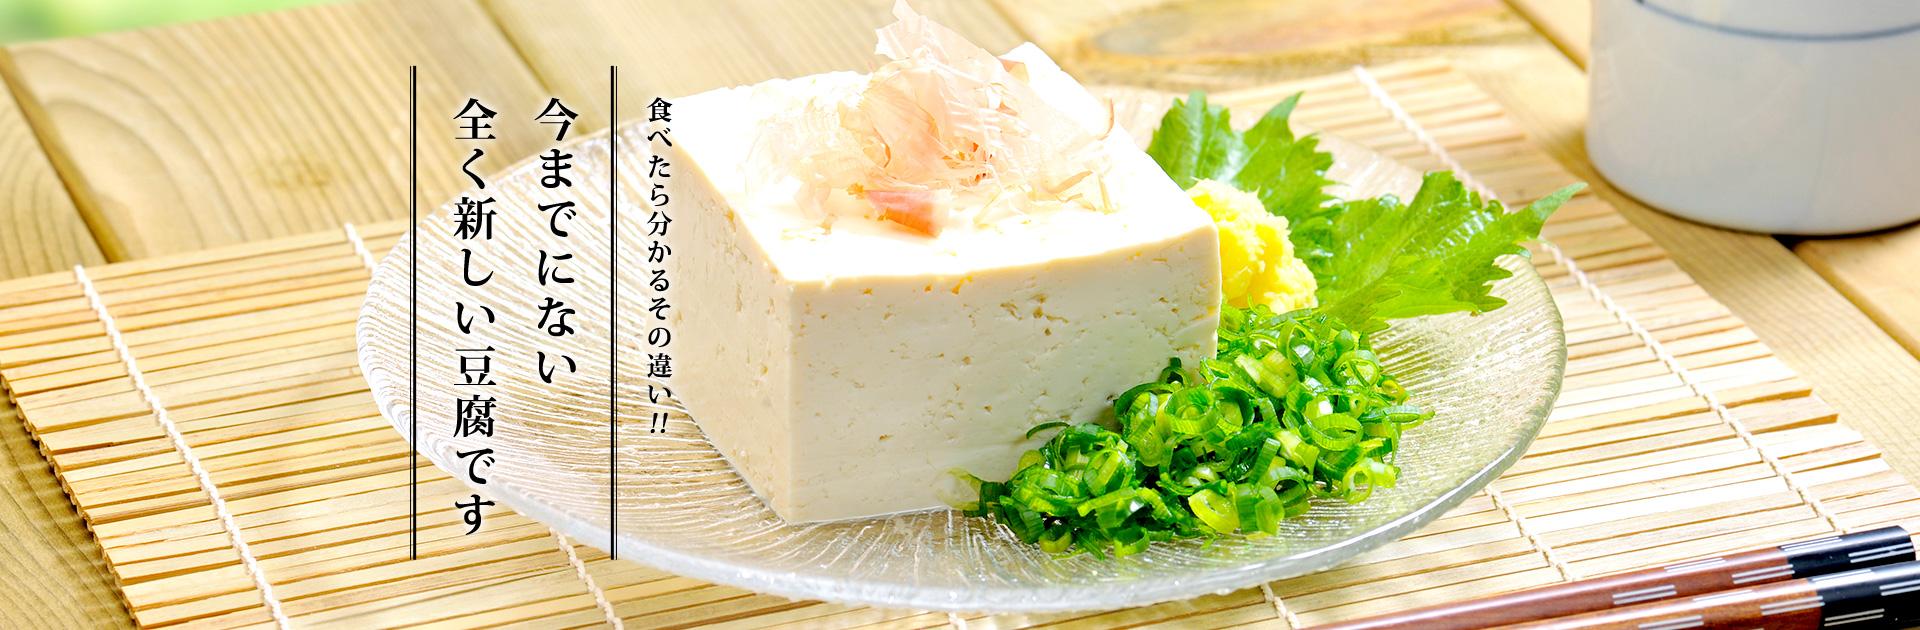 今までにない全く新しい豆腐です。